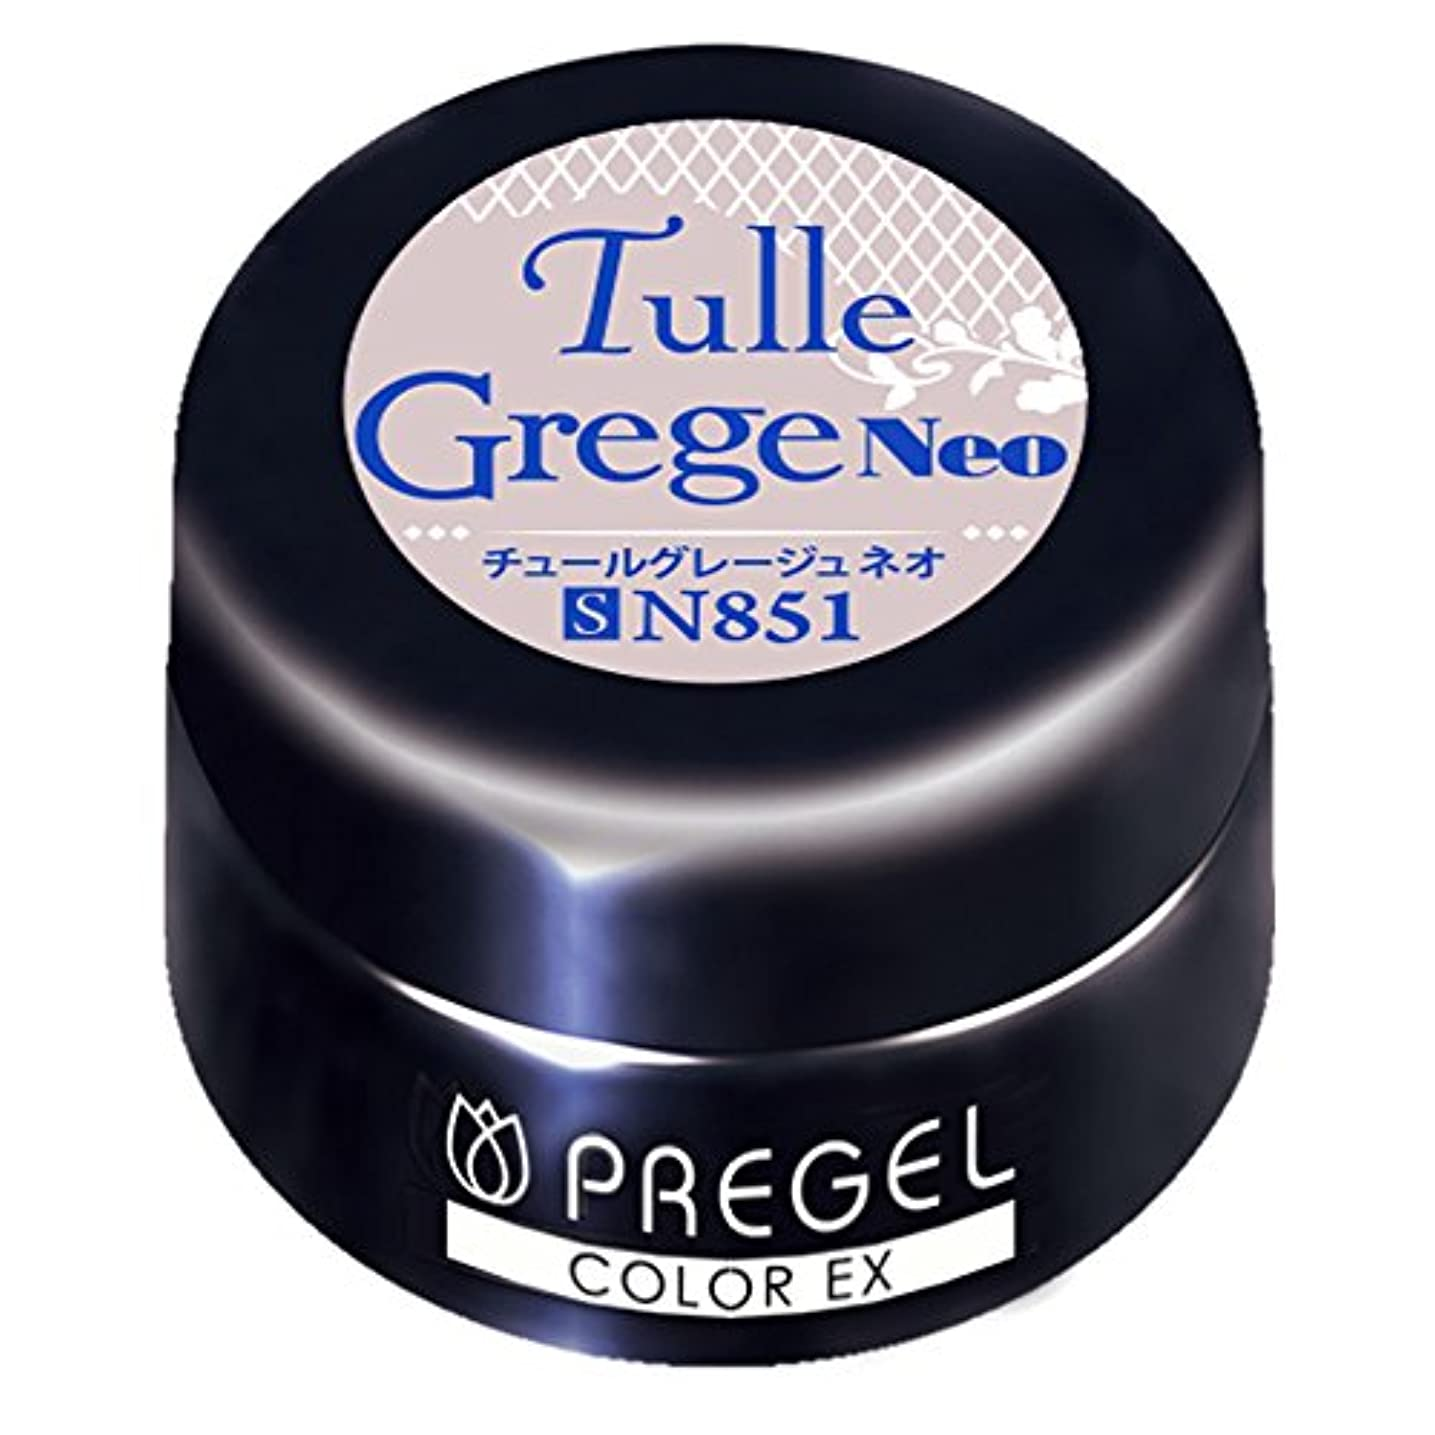 わずらわしいヒューマニスティック優先PRE GEL カラーEX チュールグレージュ neo 851 3g UV/LED対応